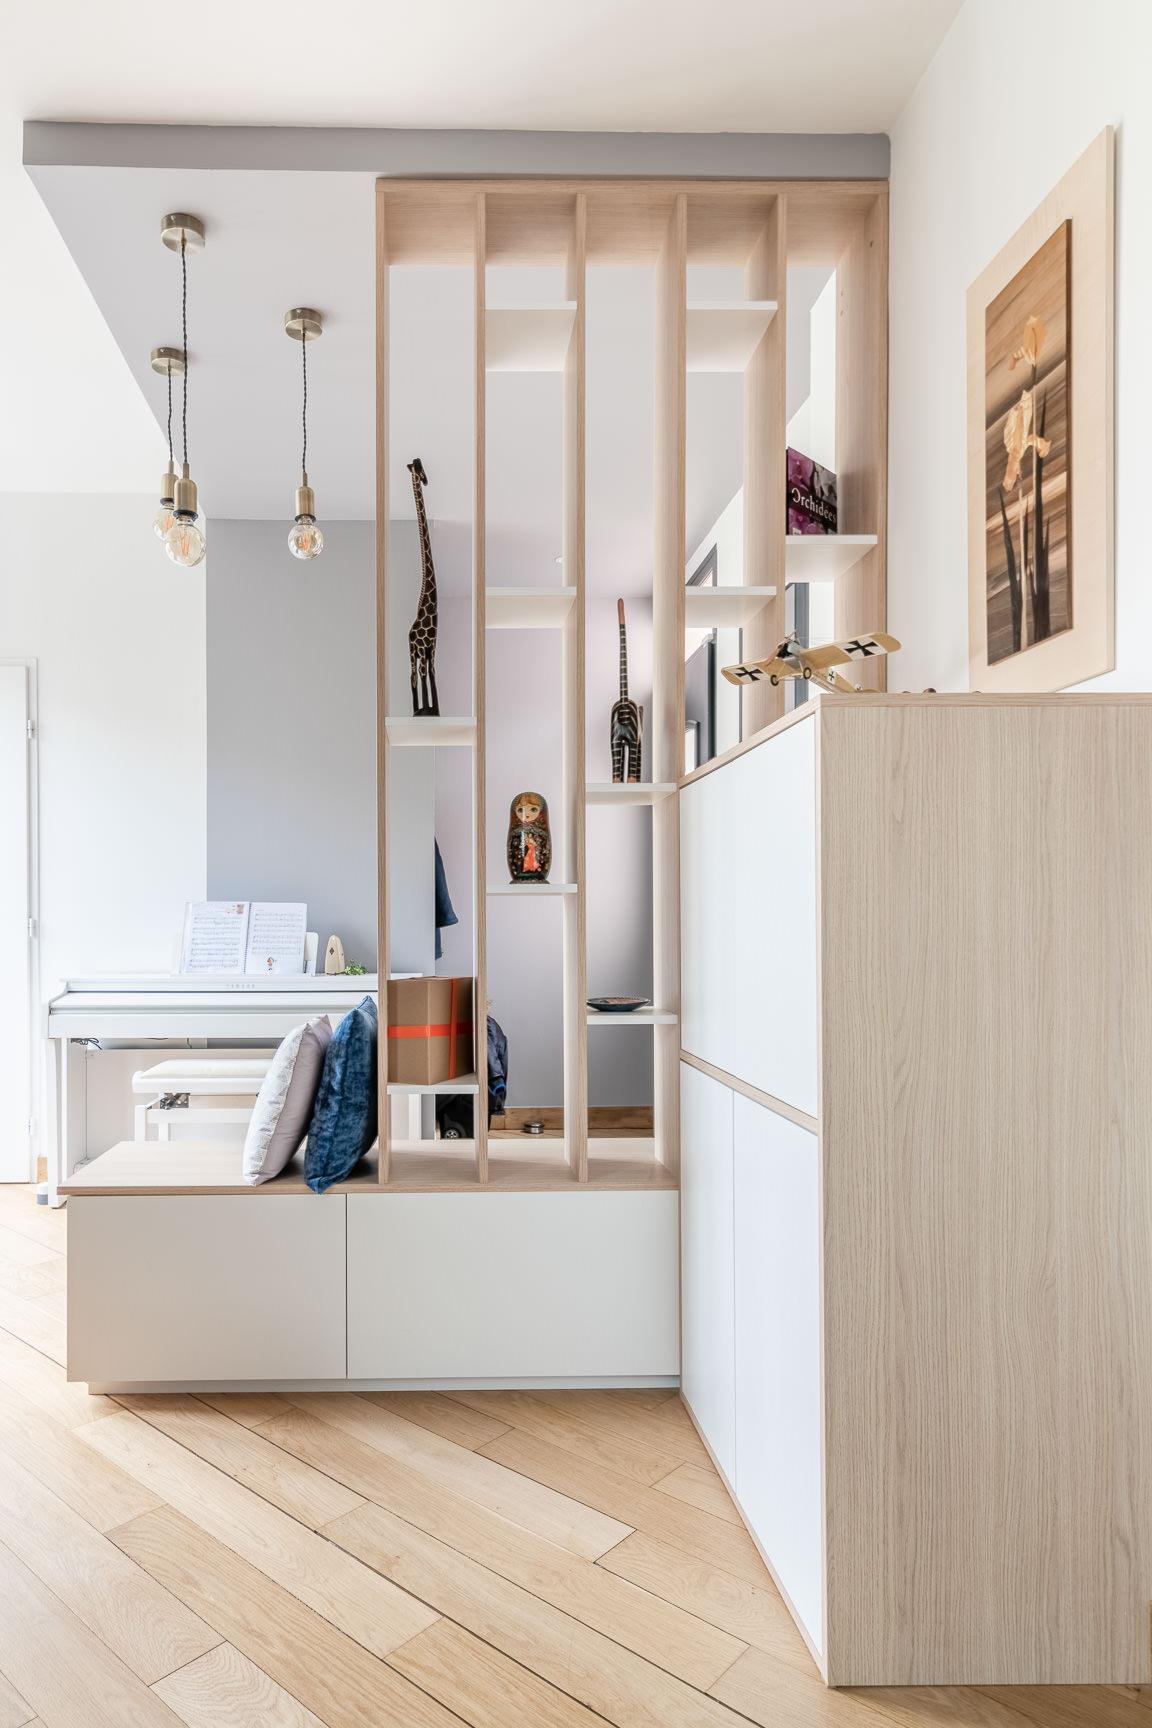 mh-deco-interieur-vanves-porte-claustra